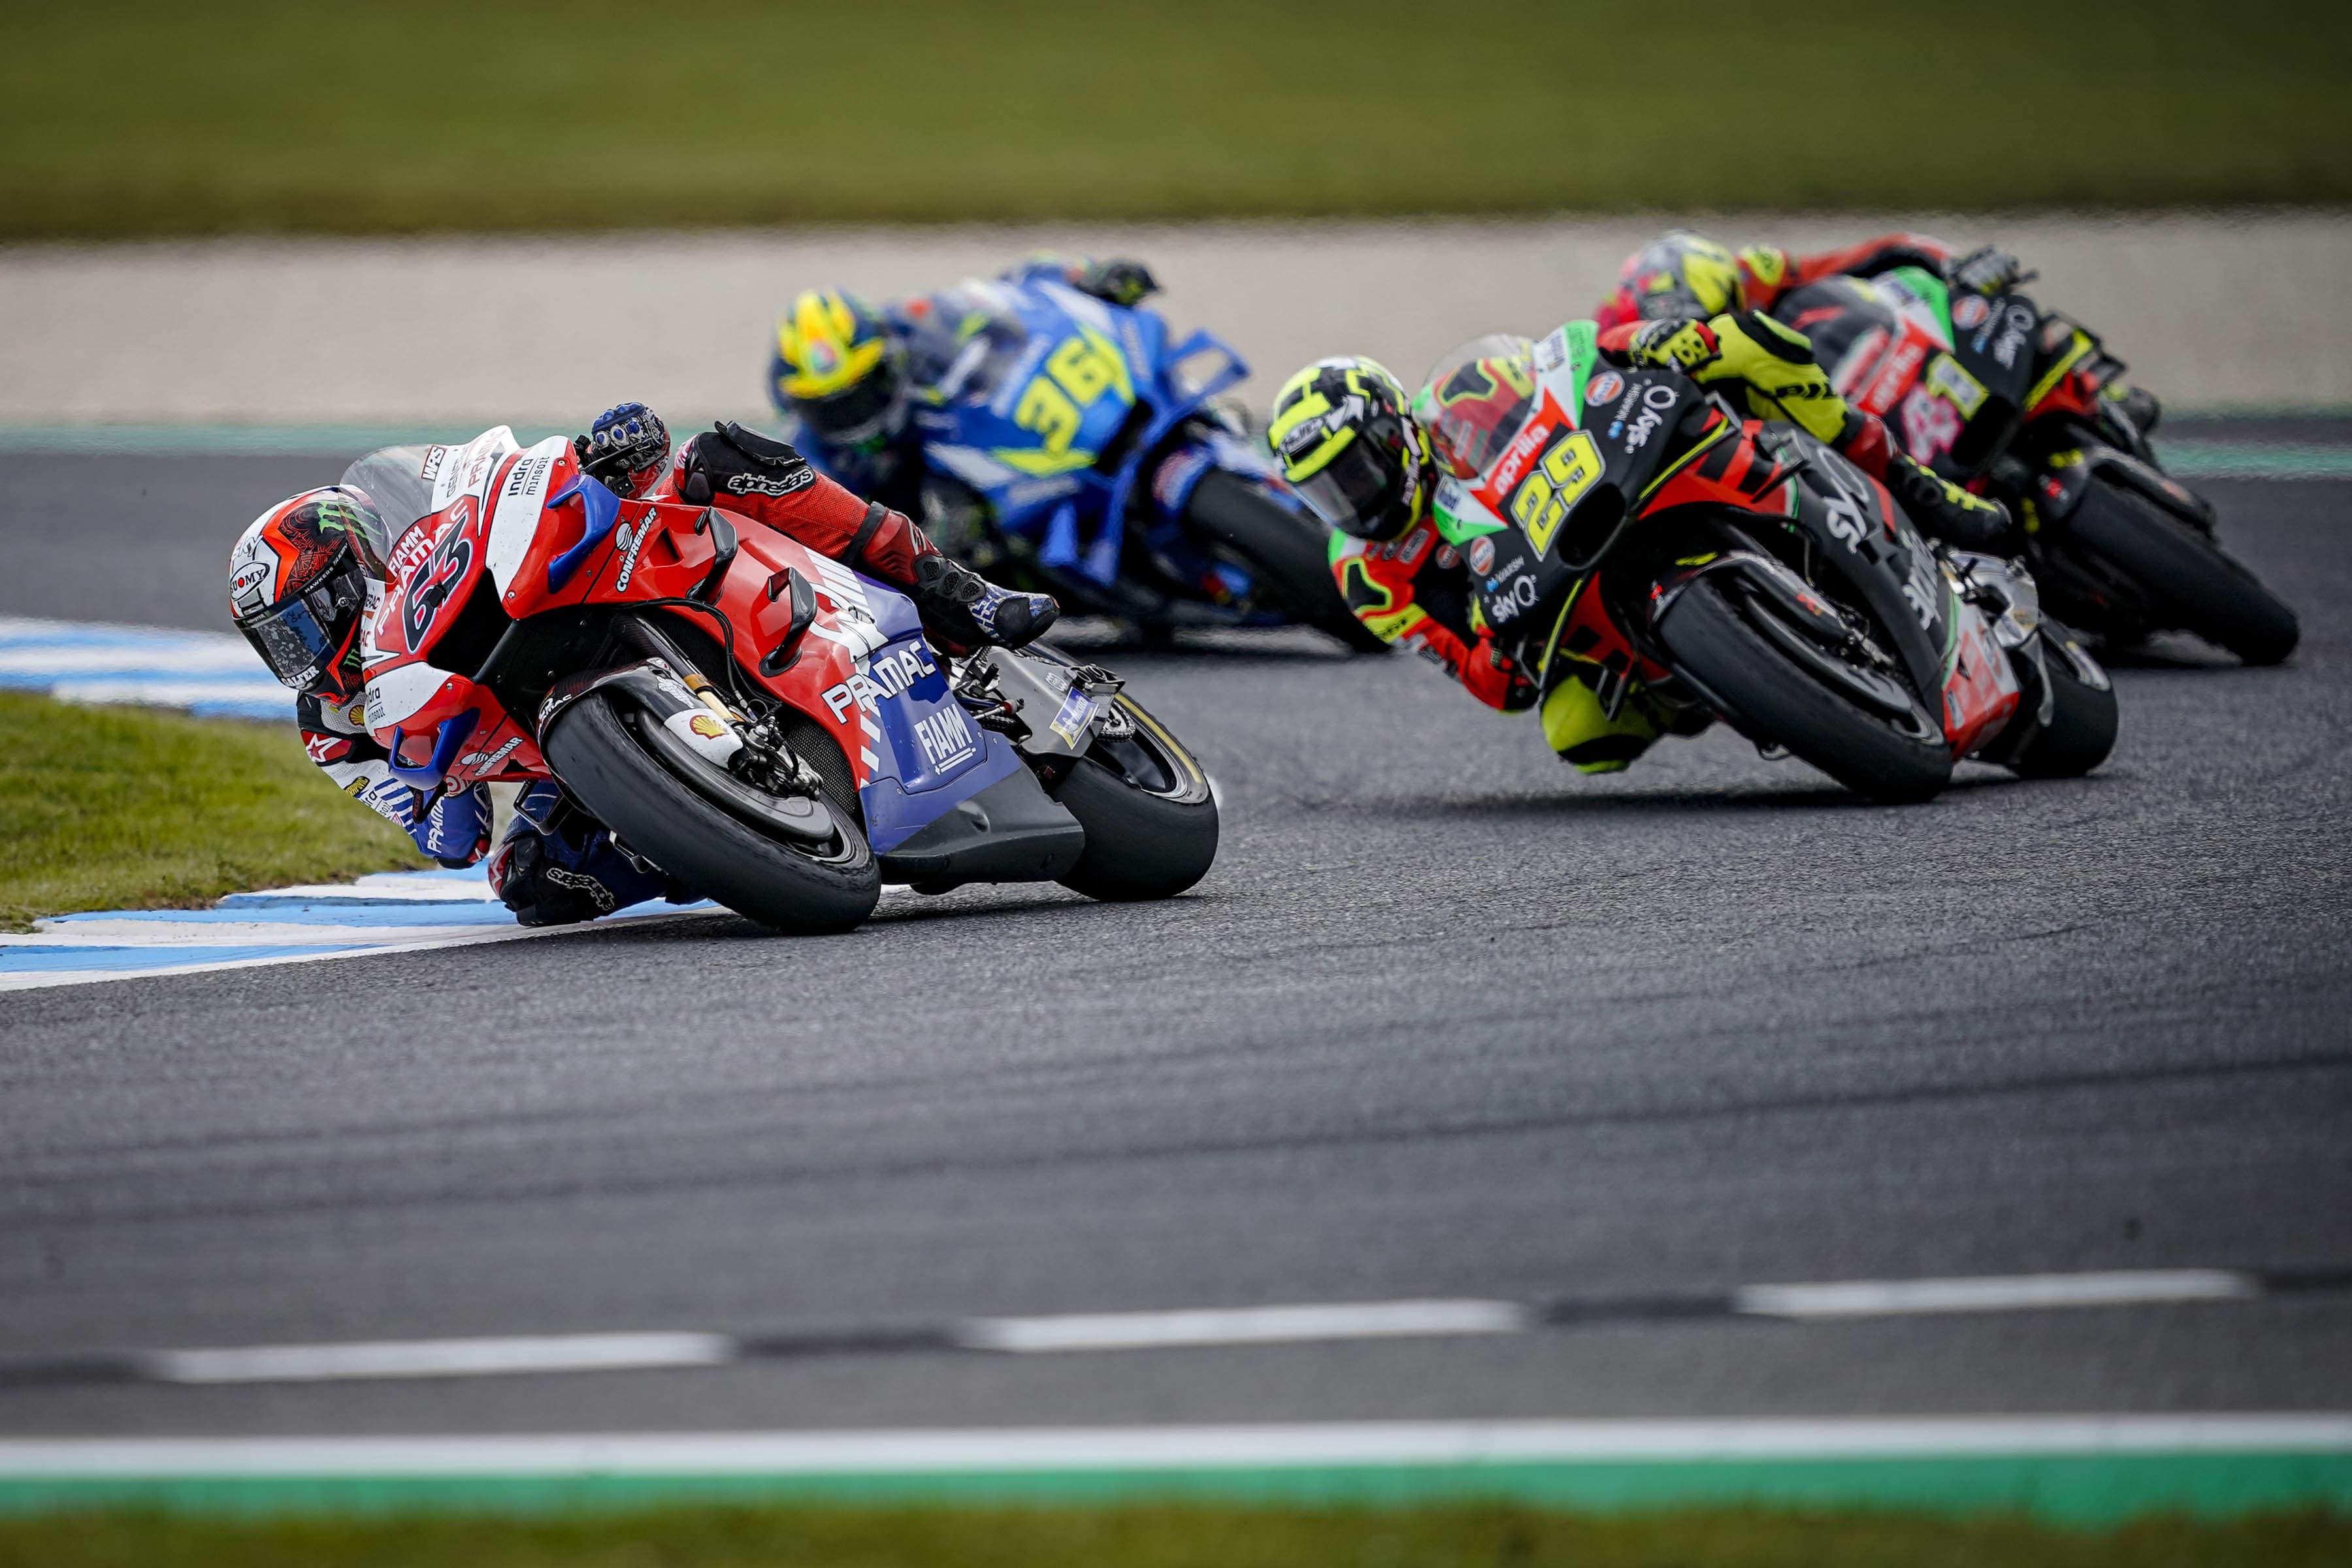 MotoGP2019オーストラリアGP 4位フランセスコ・バグナイア「表彰台獲得まであと少しだった」